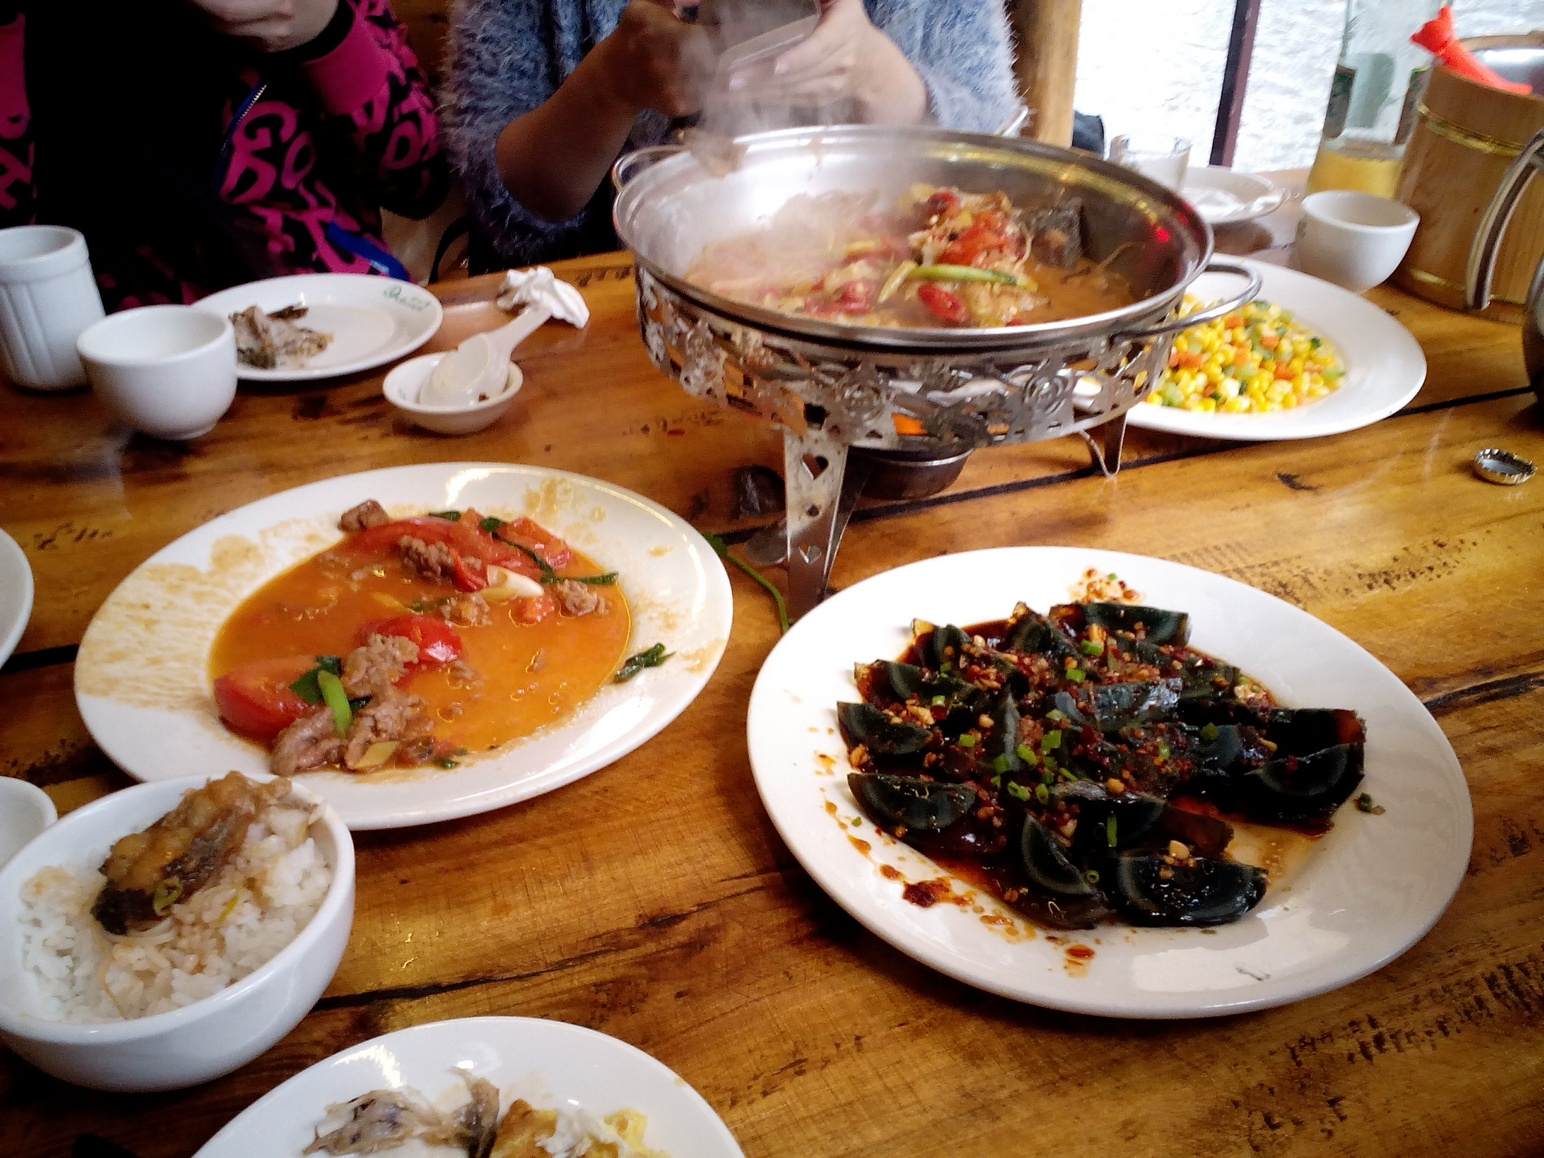 Yangshuo, Guilin meal, China